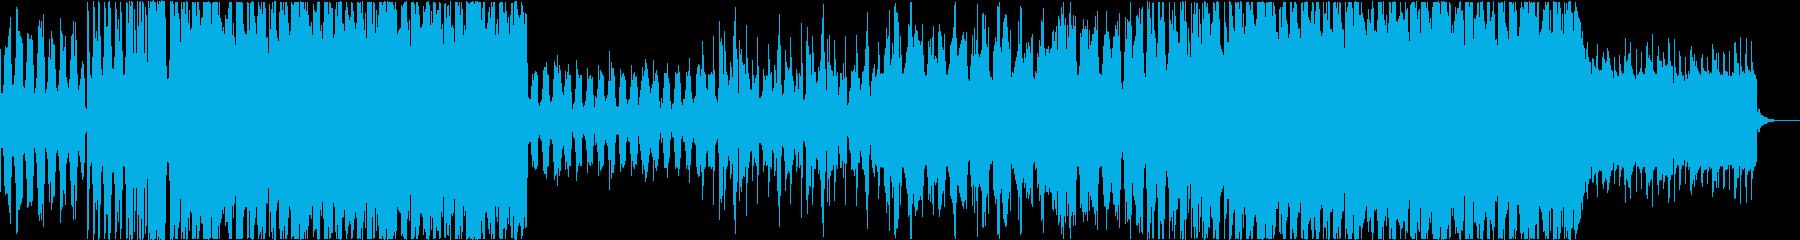 勝利 優勝 スローモーション EDM の再生済みの波形